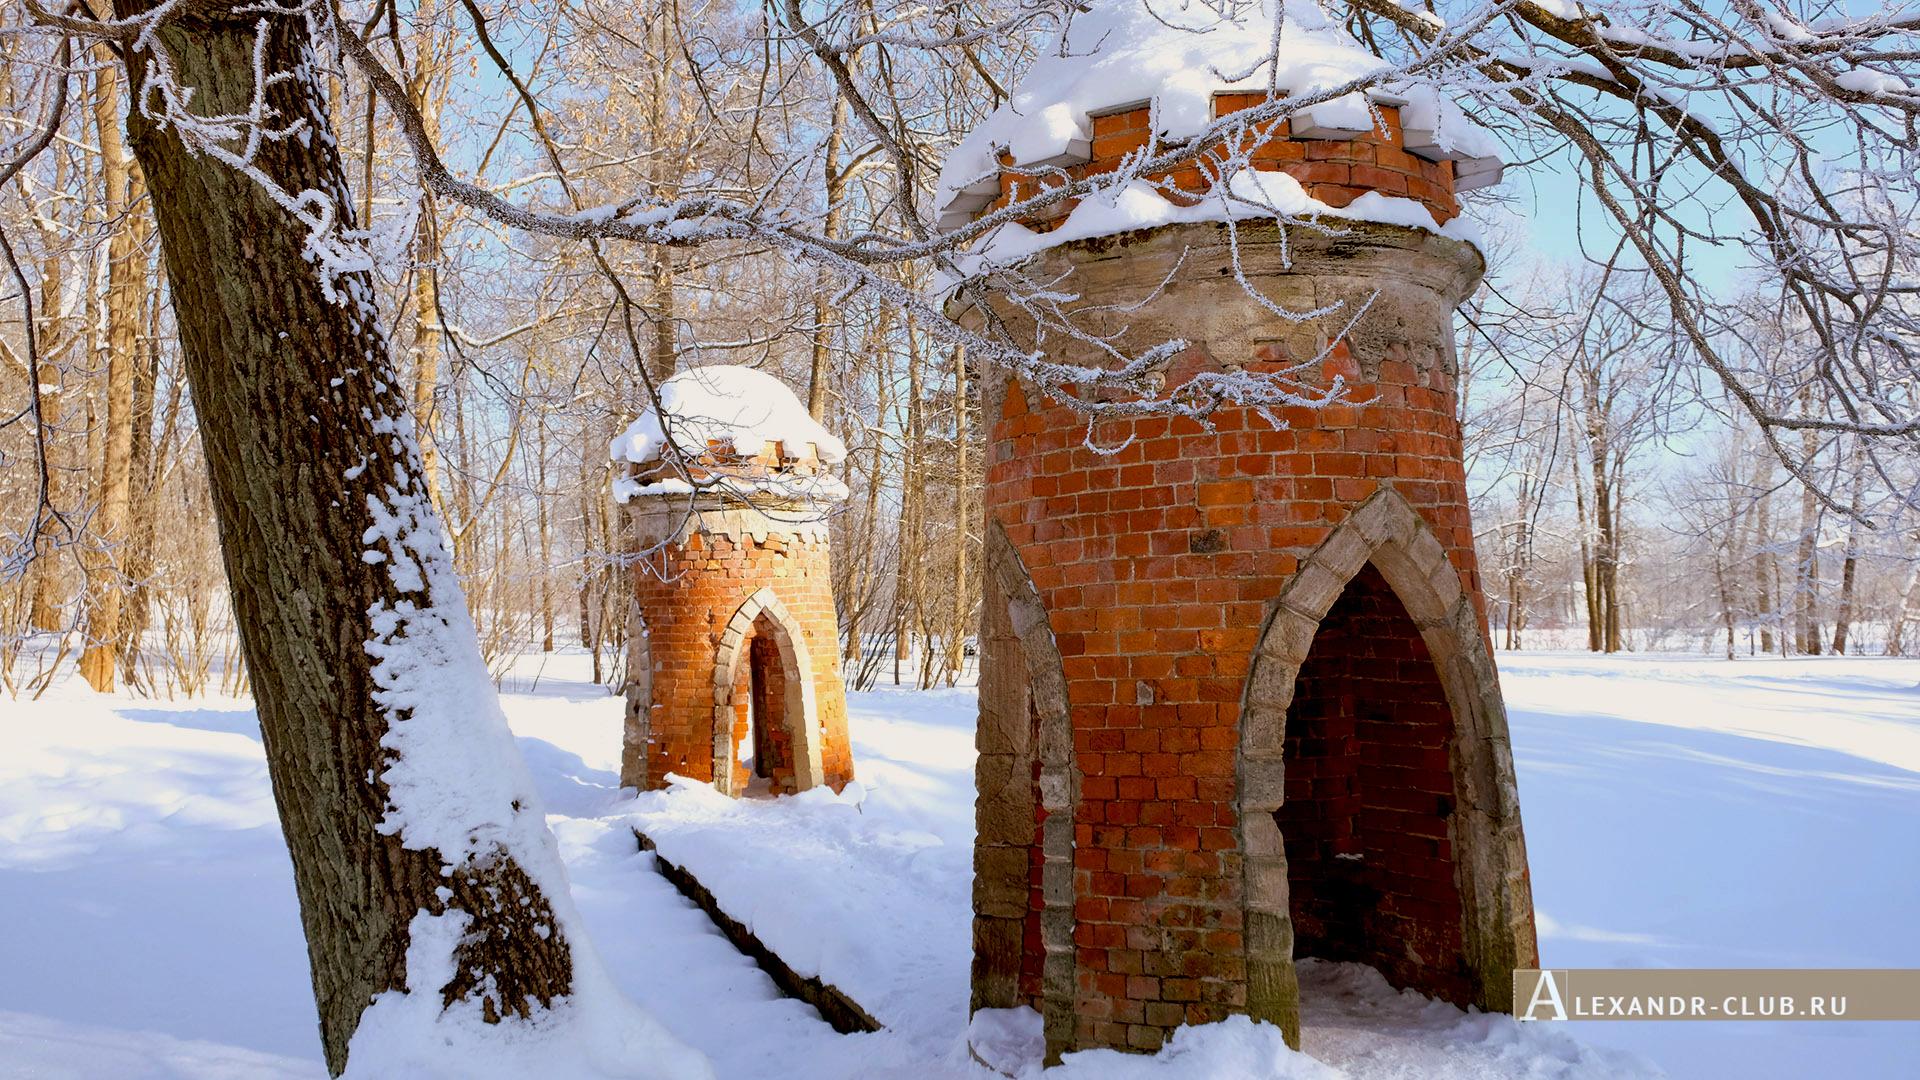 Царское Село, зима, Екатерининский парк, «Красный каскад» – 1